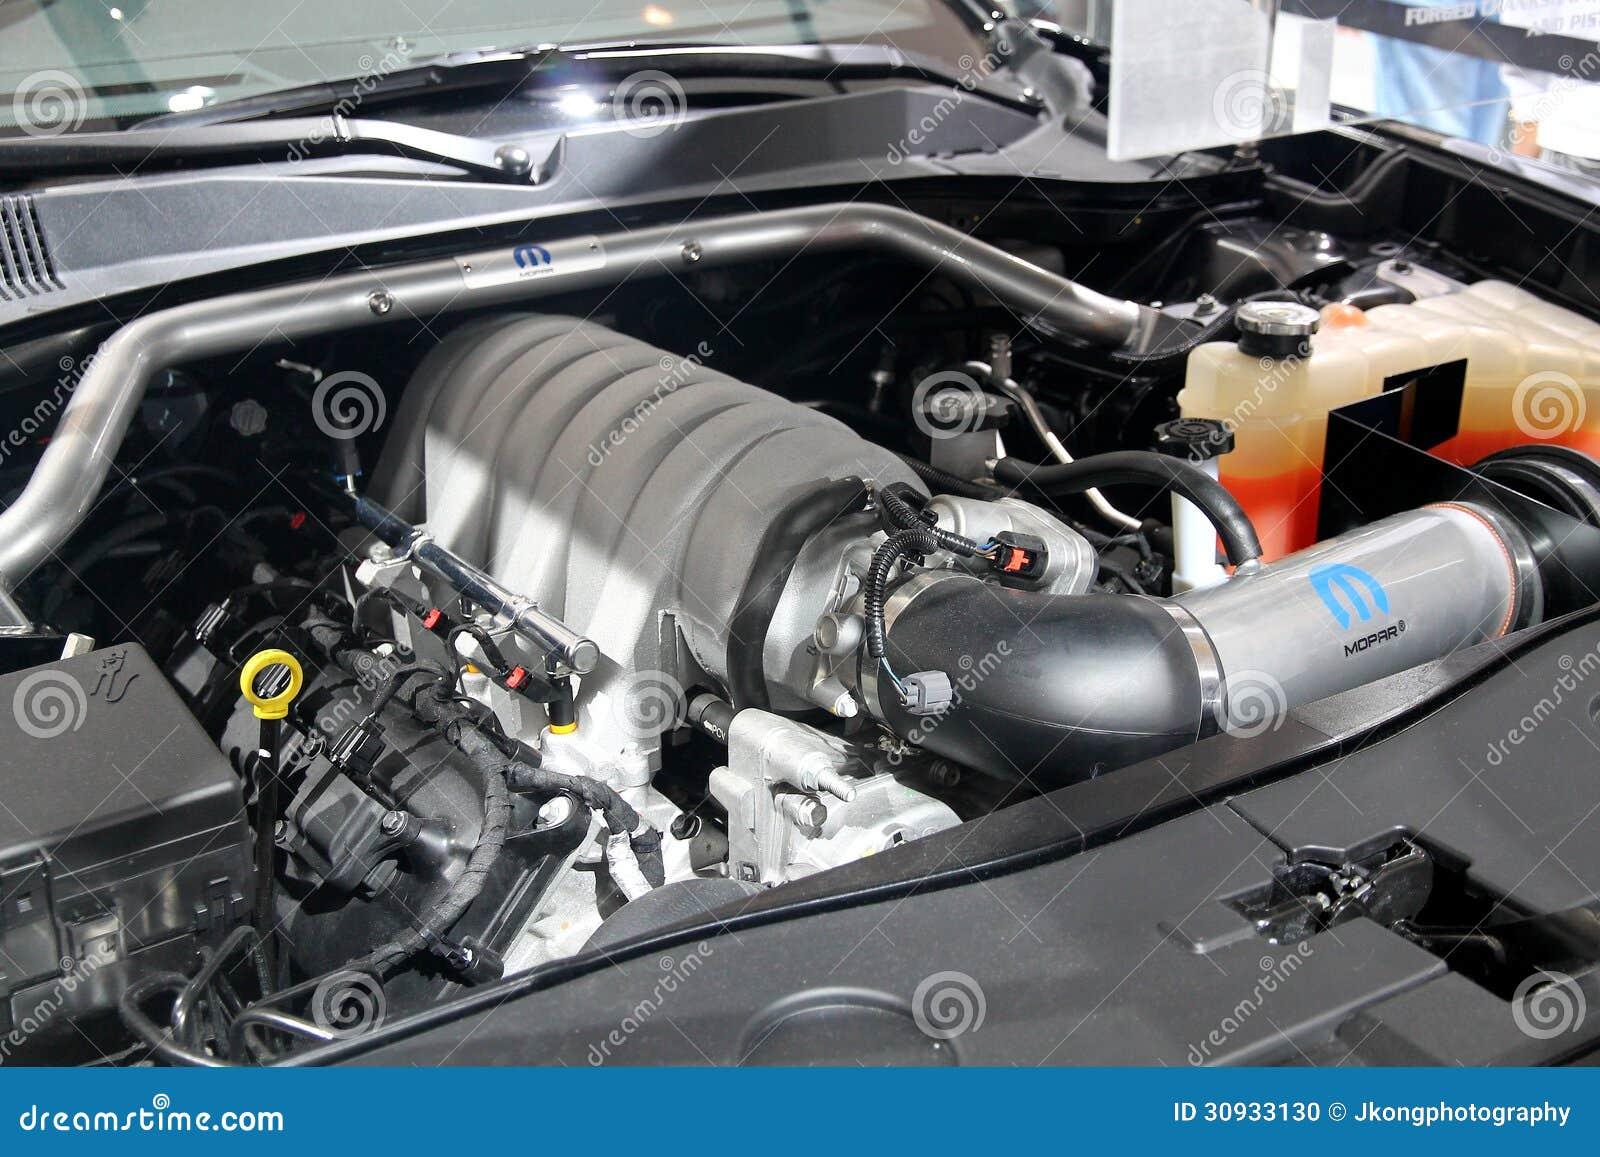 dodge challenger engine diagram #1 1970 dodge challenger t a engine dodge challenger engine diagram #1